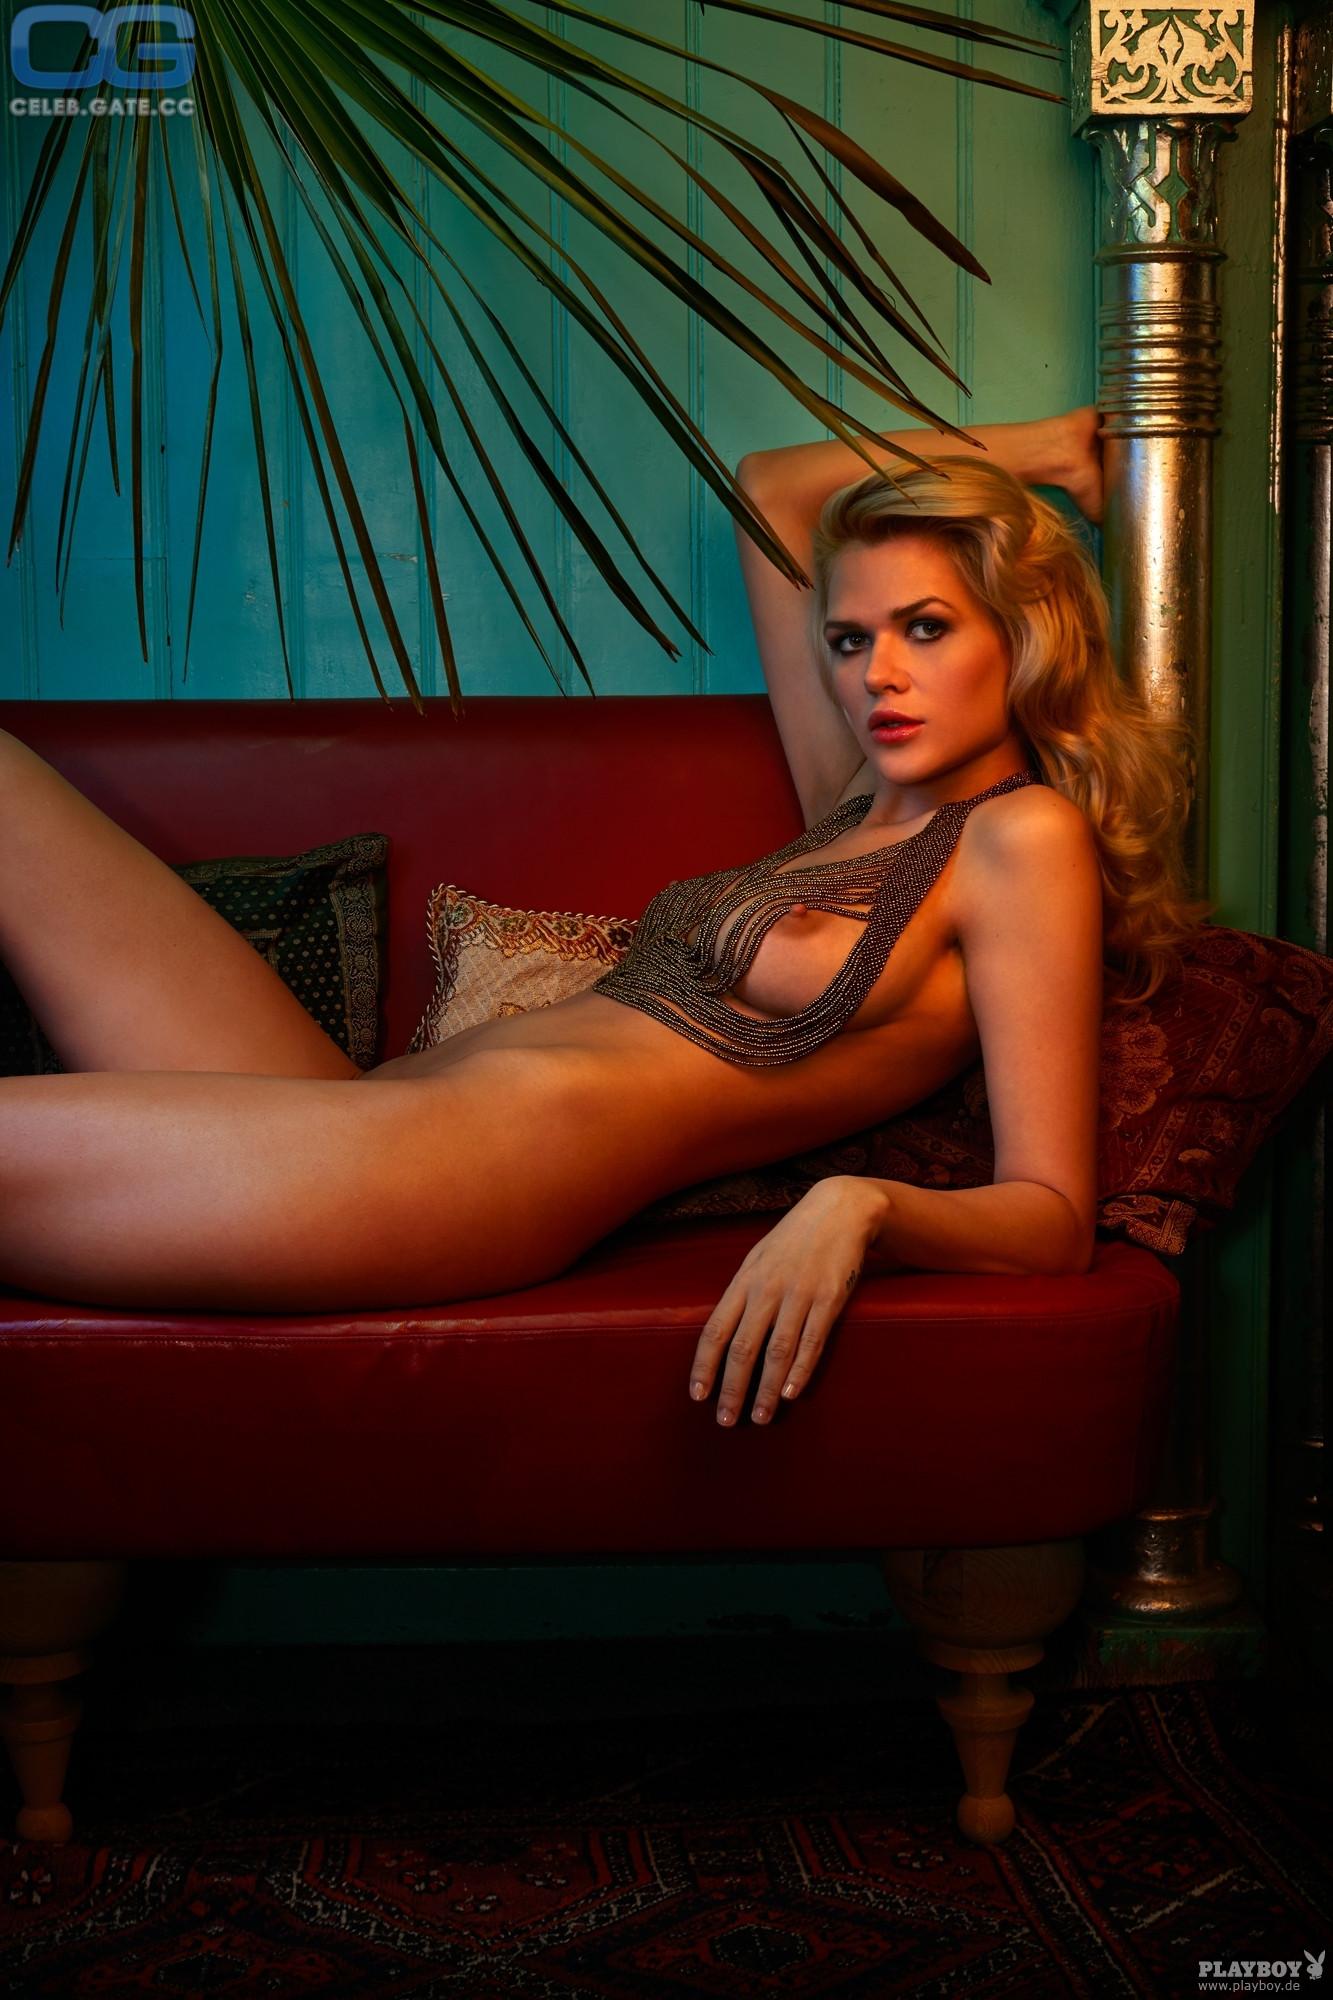 Sarah kulka playboy nackt